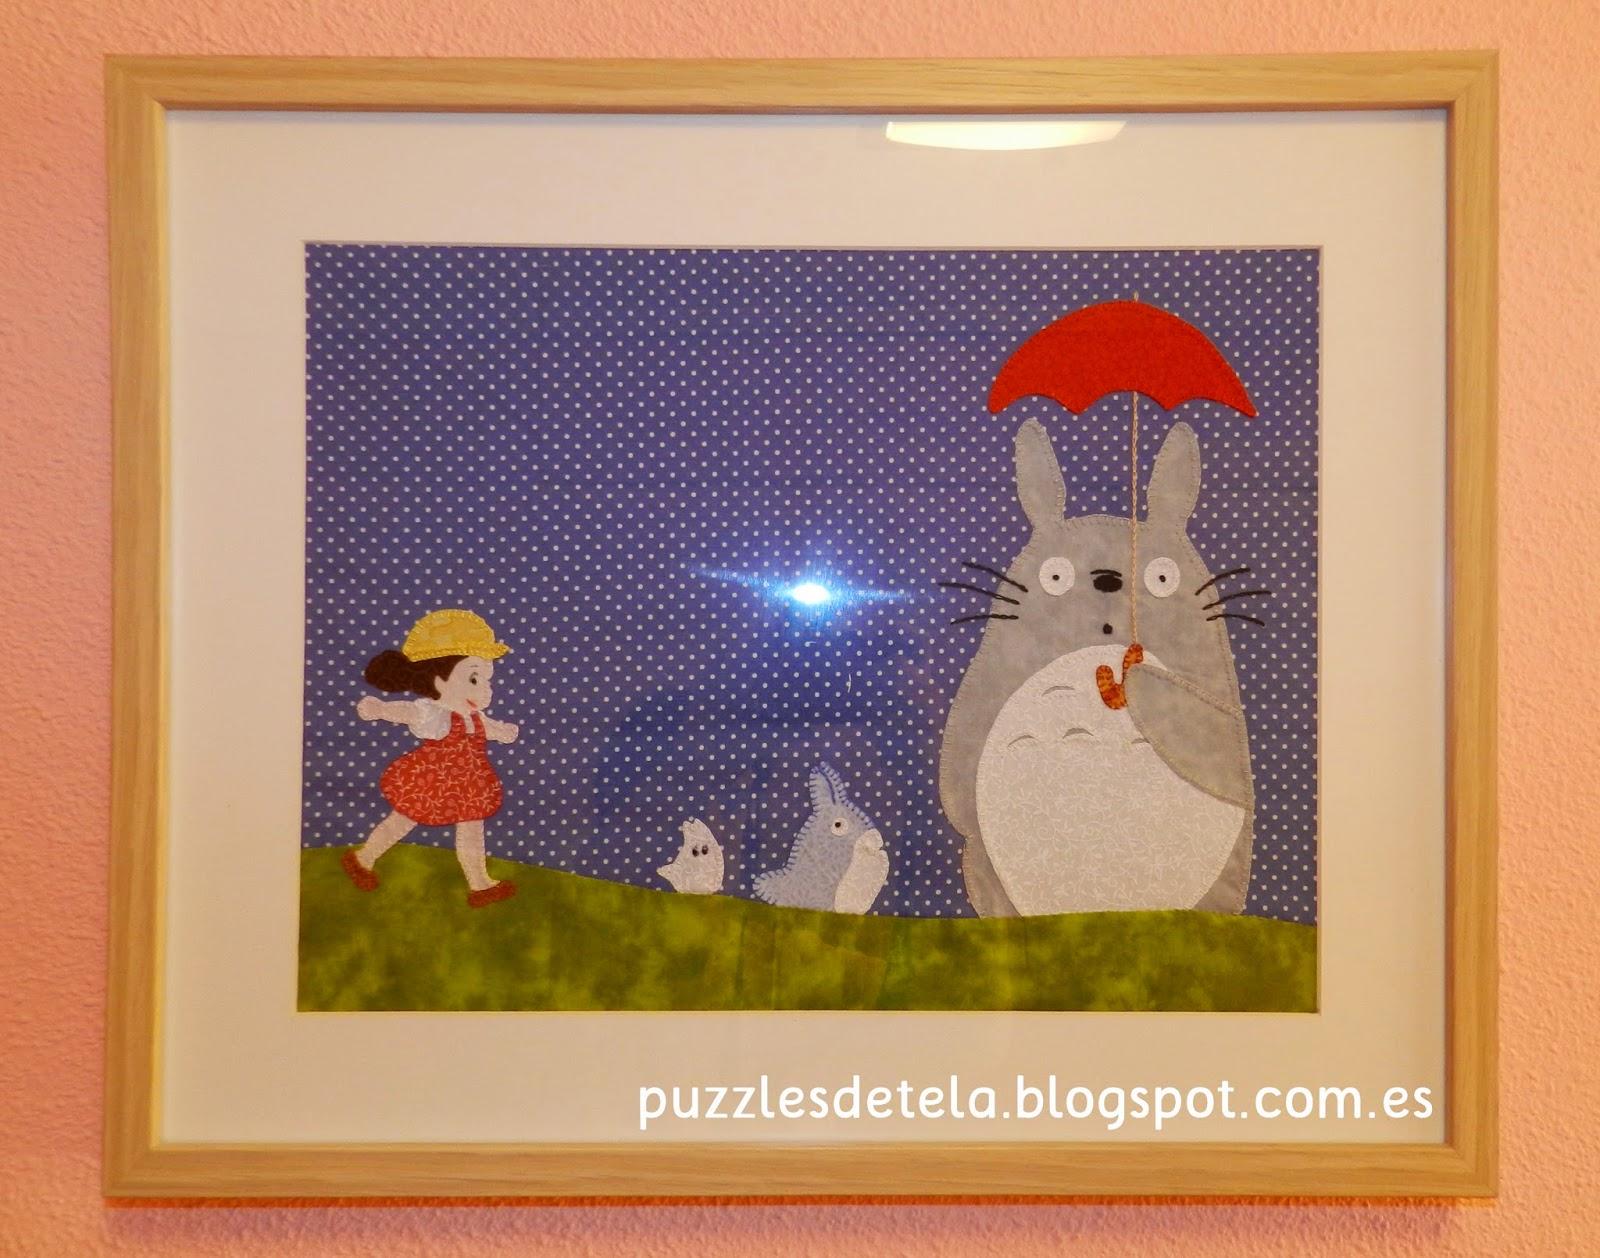 Puzzles de tela, patchwork, Totoro, Mi Vecino Totoro, Salón del Cómic, cuadros de patchwork, decoración patchwork, decoración habitación niños, decoración infantil, decoración habitación infantil, cuadros para niños,